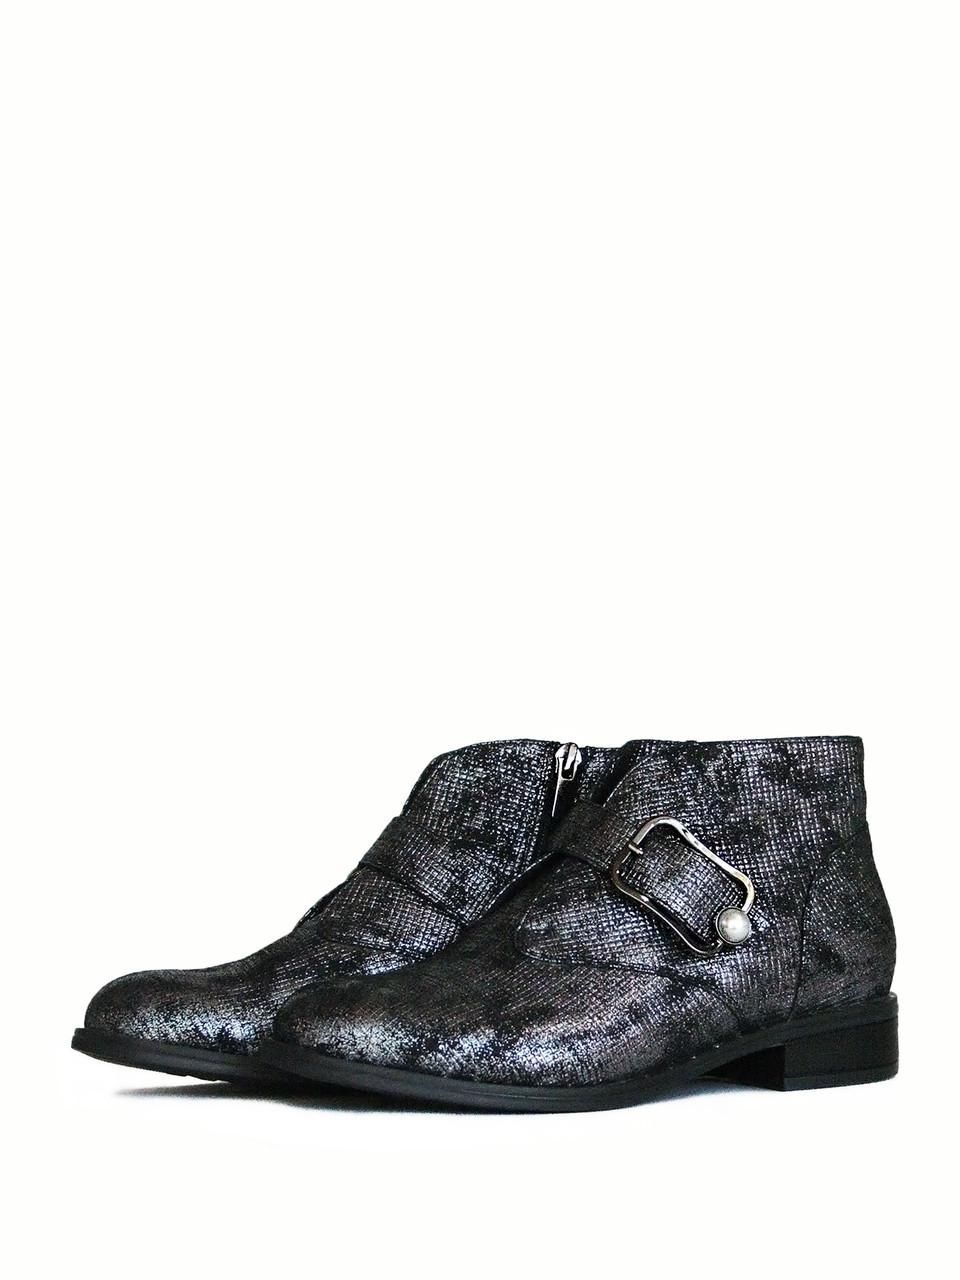 Классические демисезонные ботинки с большой пряжкой